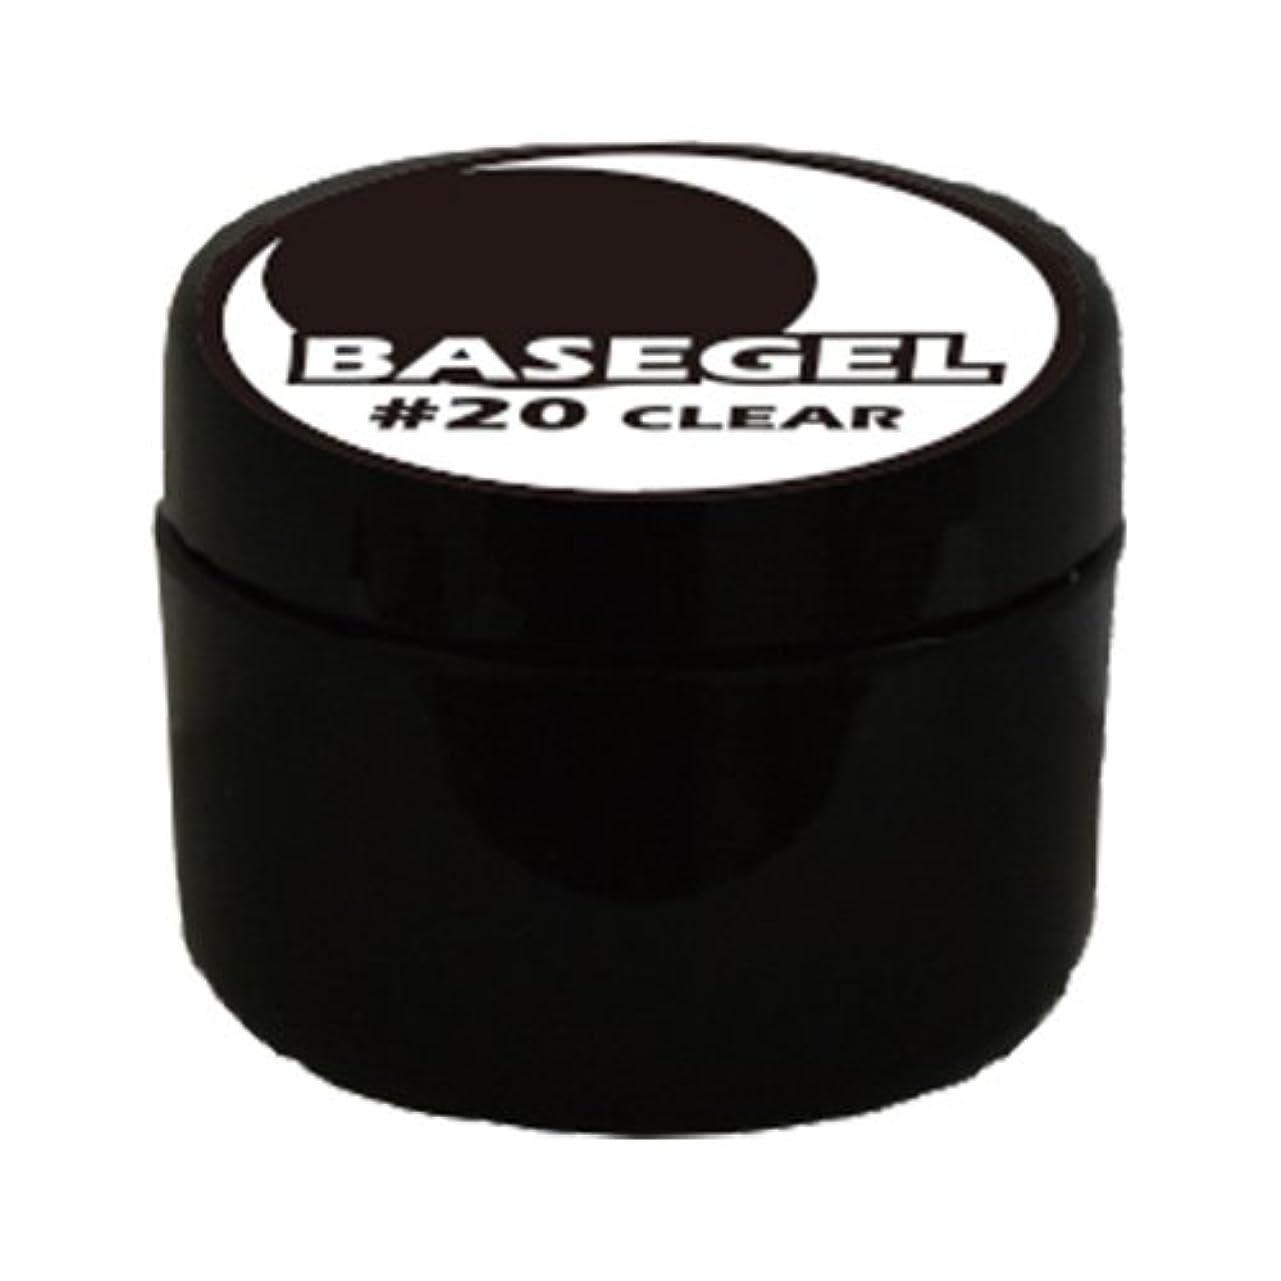 芝生びっくりブラストベースジェル #20 CLEAR 10g